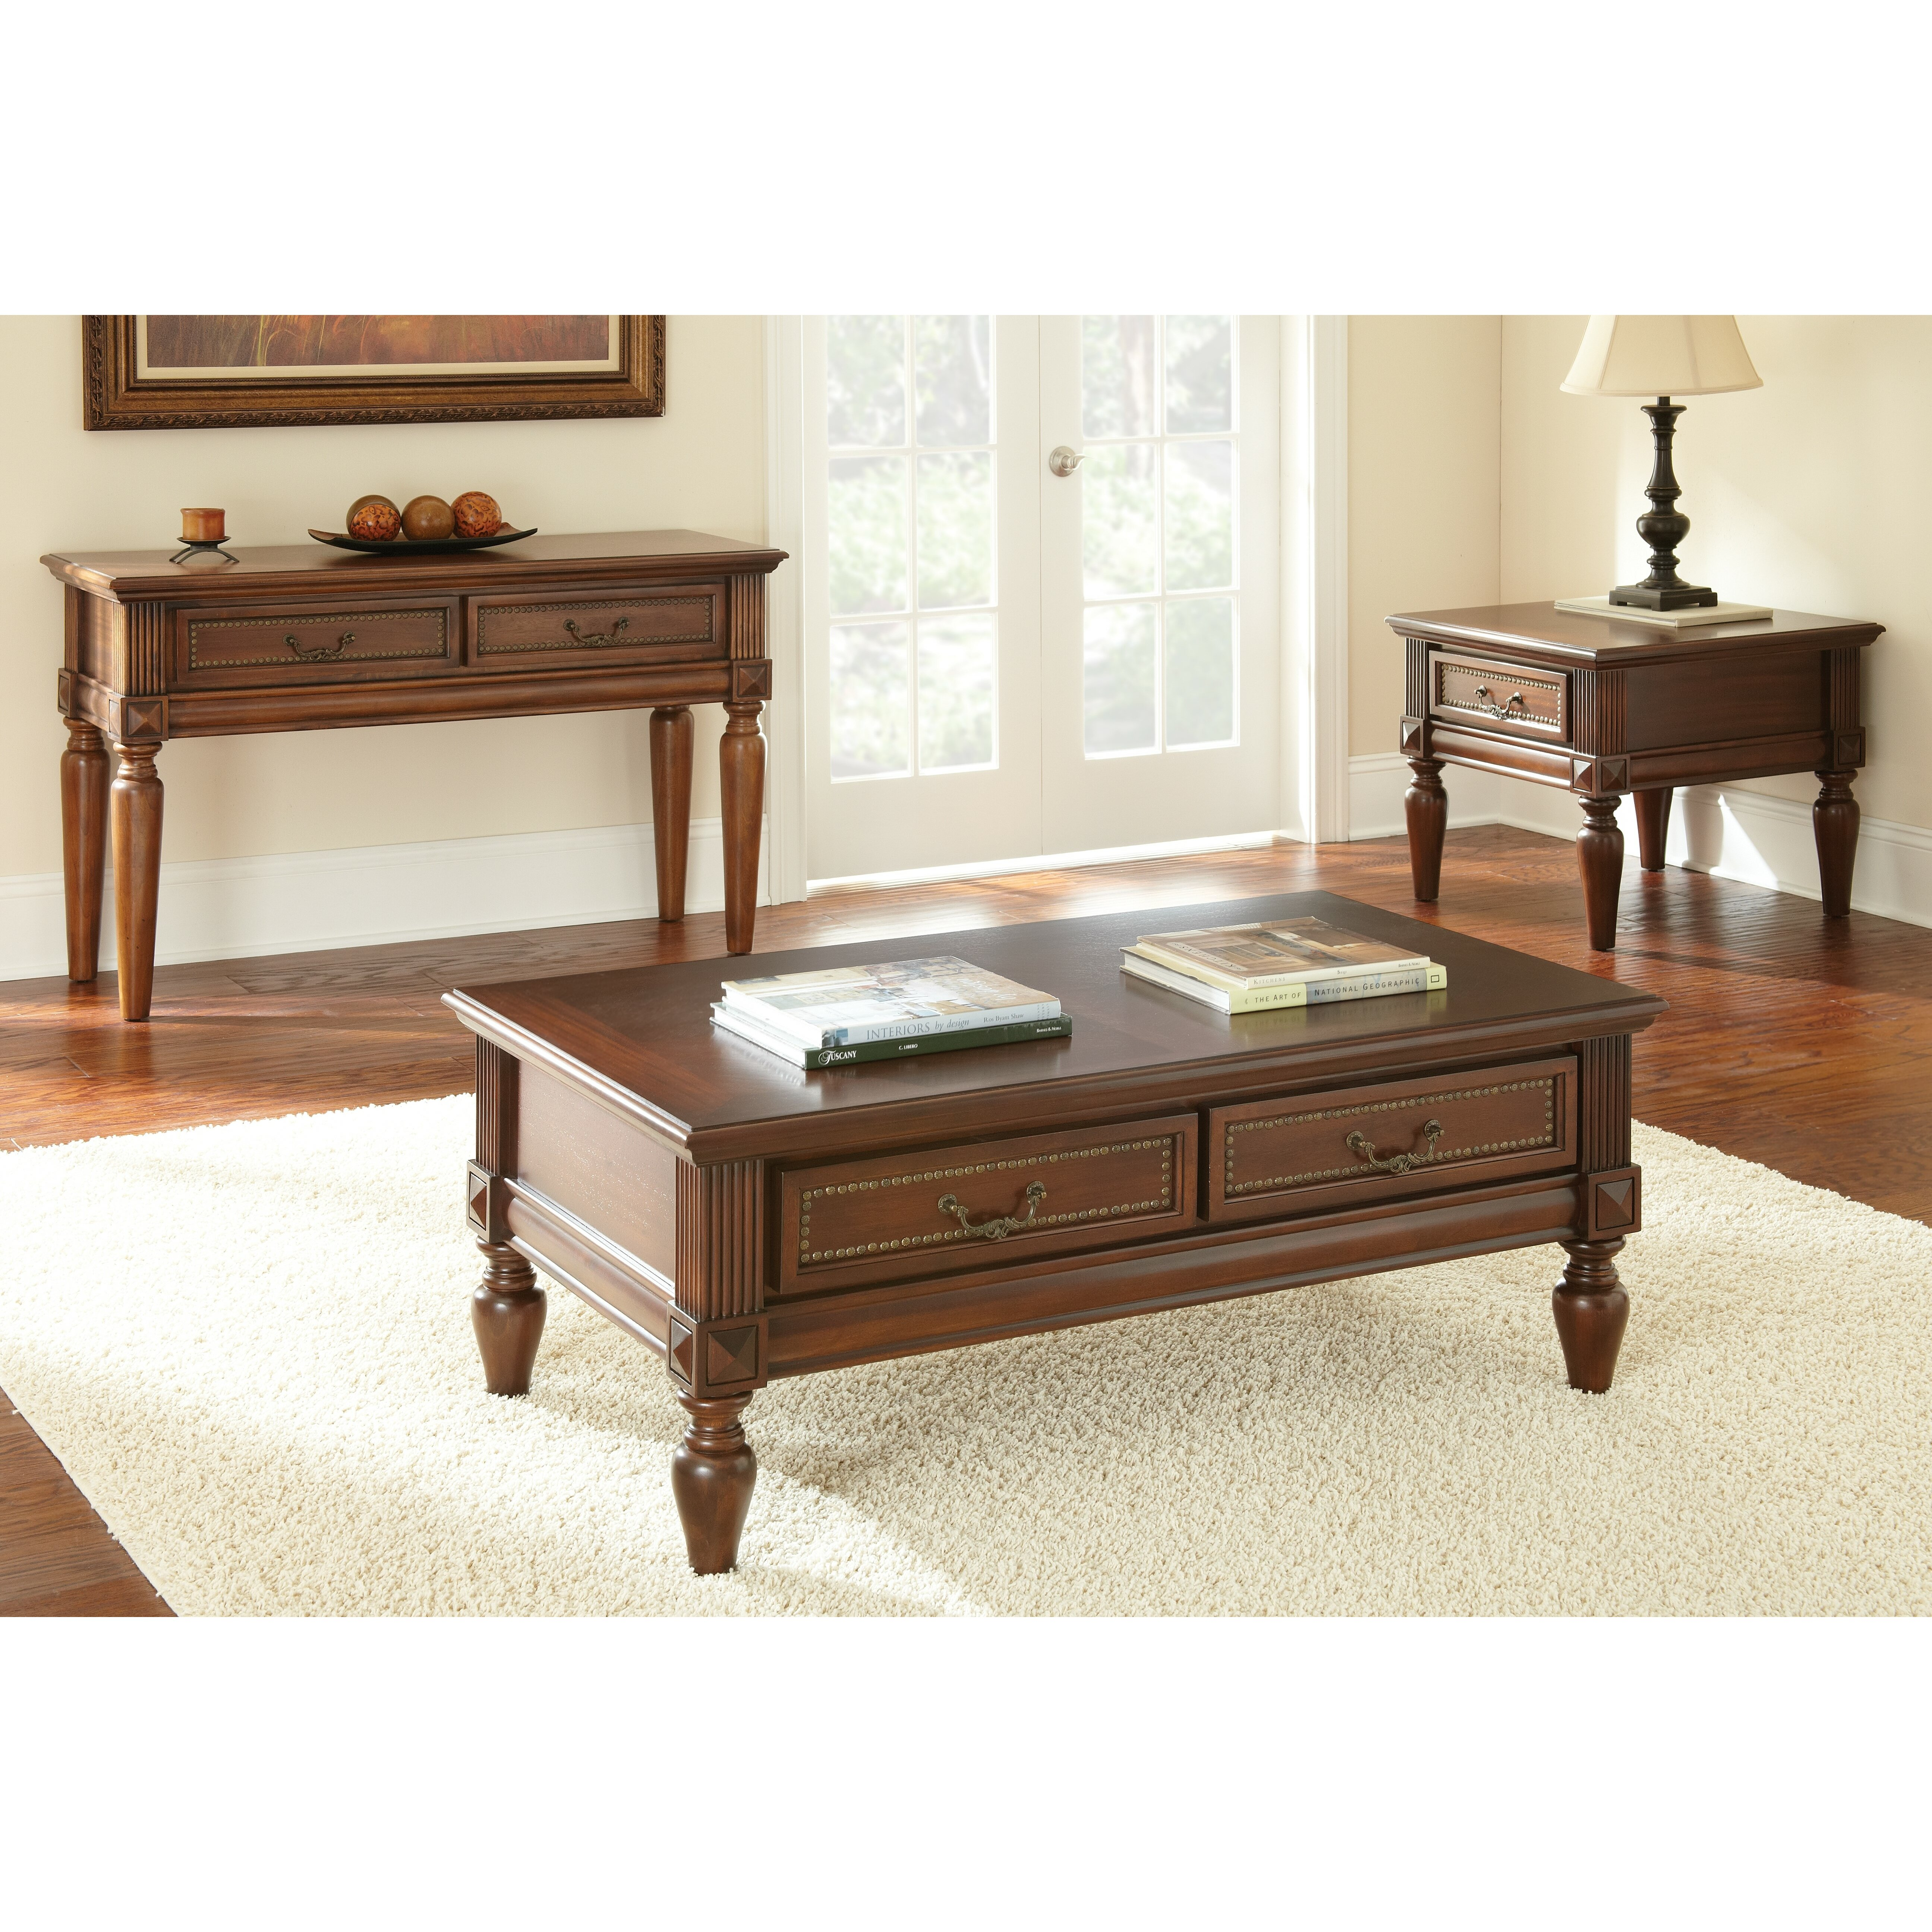 ... Furniture ... Cherry Console & Sofa Tables Steve Silver Furniture SKU